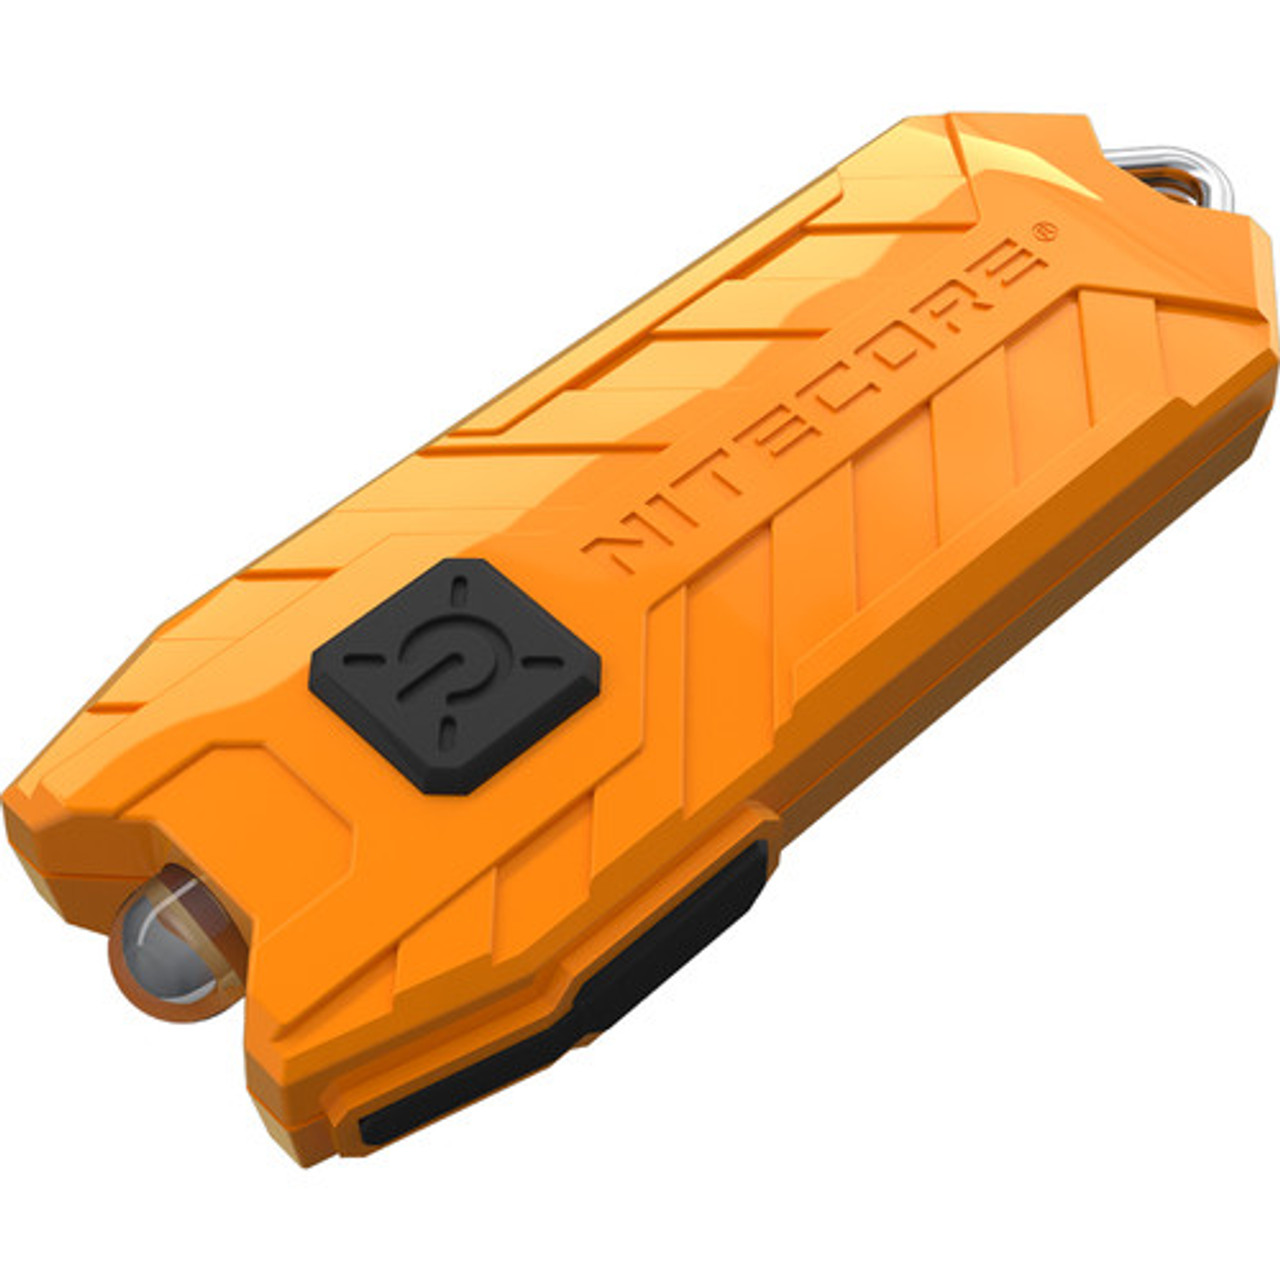 Nitecore TUBE Orange